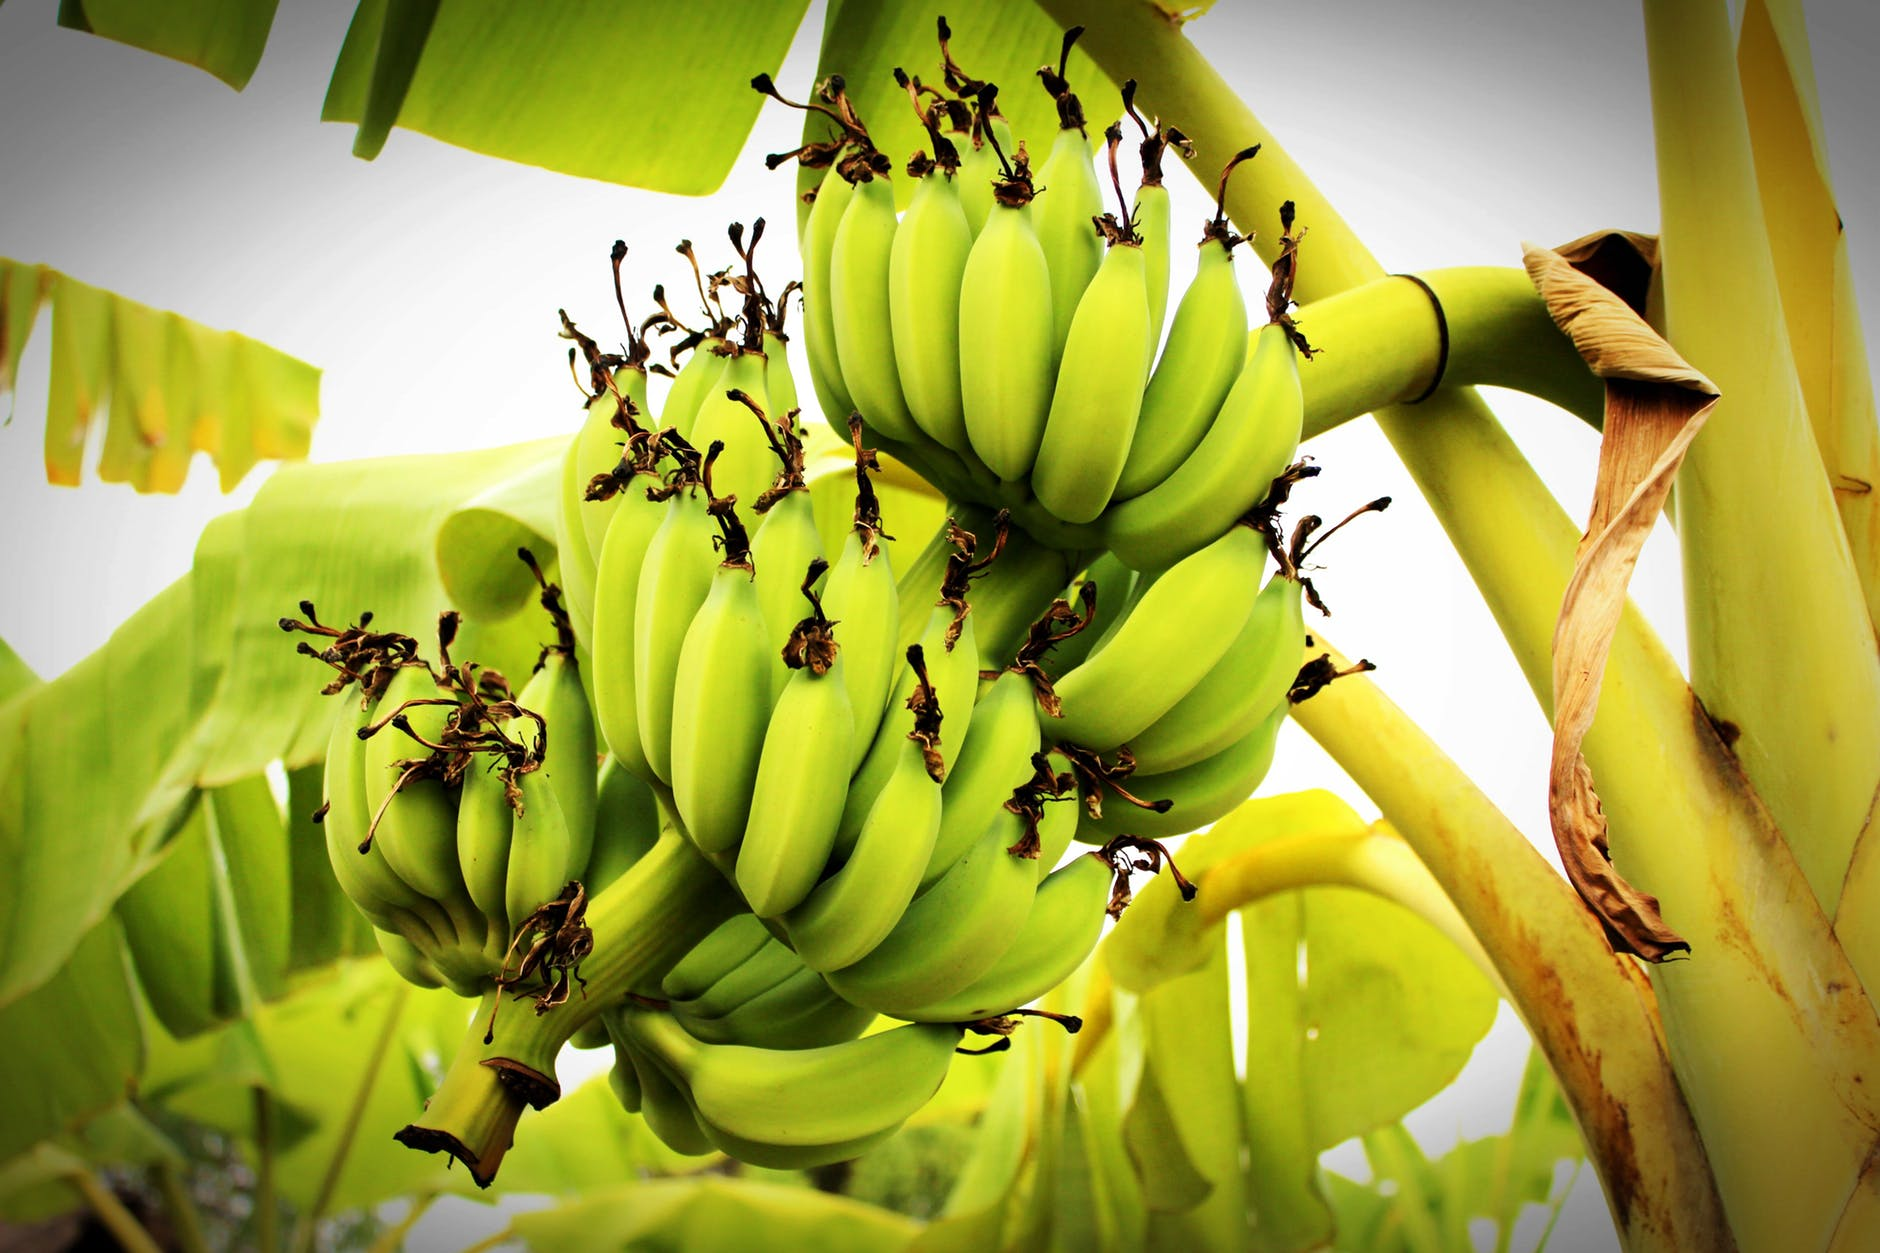 фрукты бананы деревья фото концепция